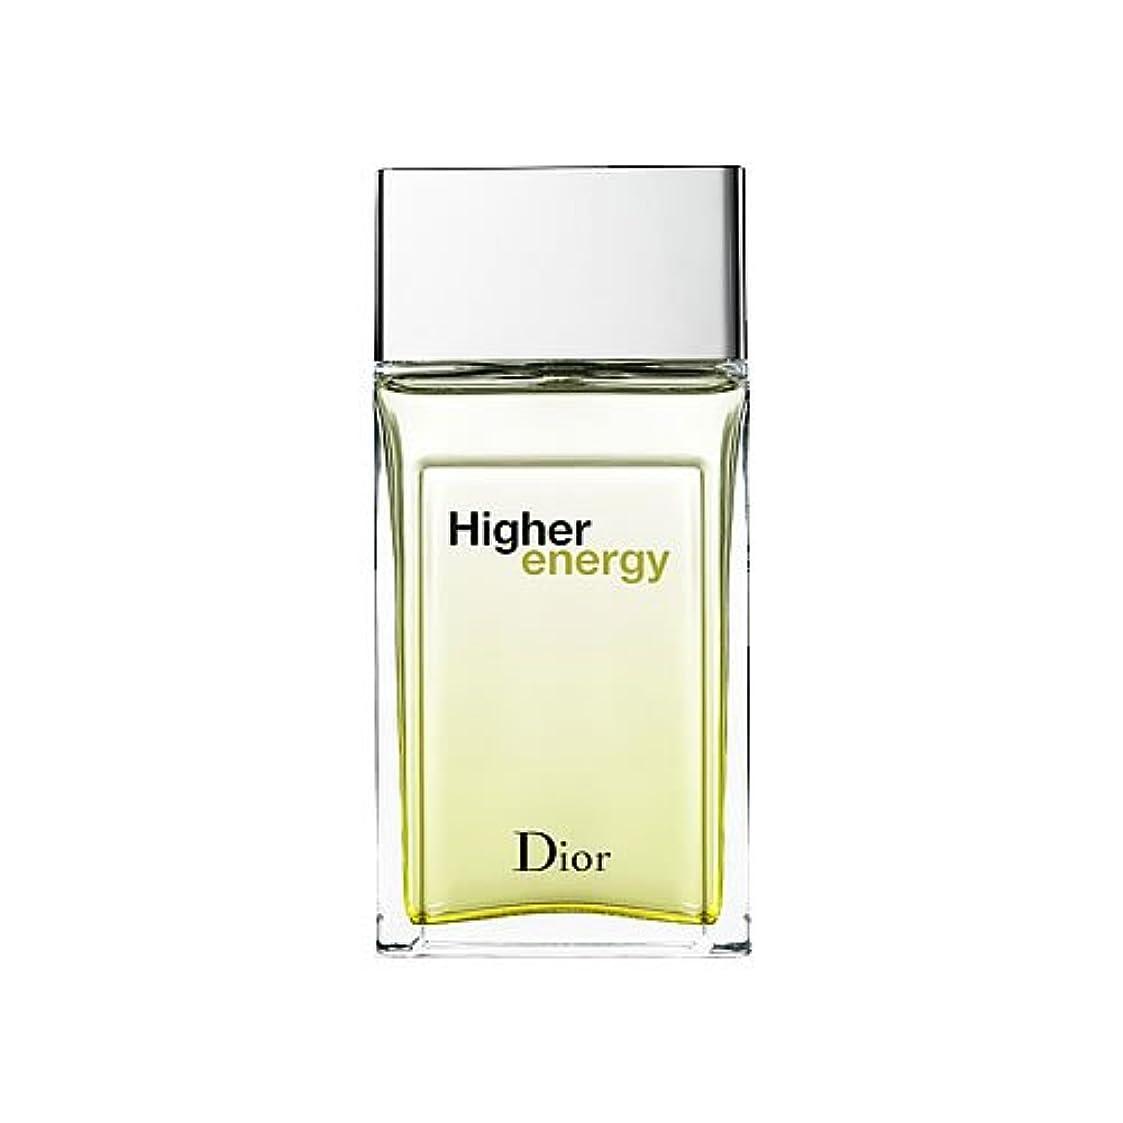 暴動記事お世話になったクリスチャン ディオール(Christian Dior) ハイヤー エナジー EDT 100ml[並行輸入品]